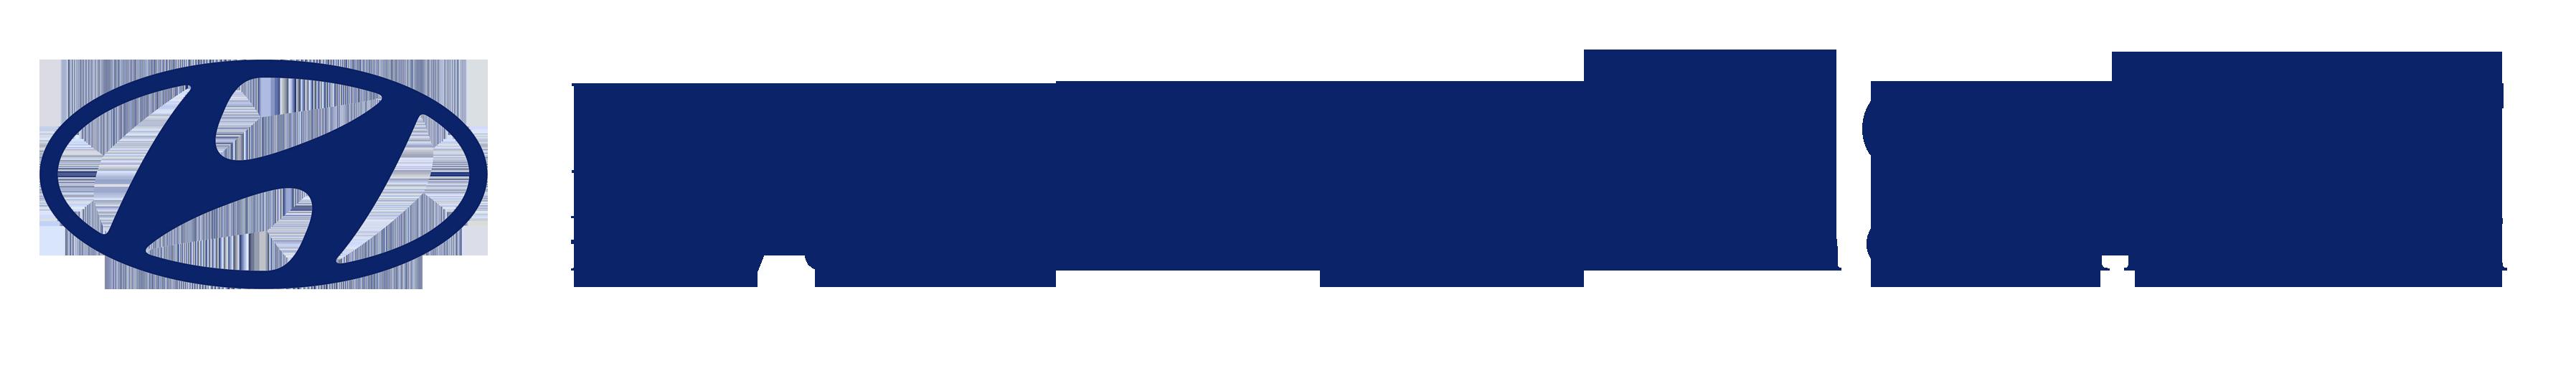 bonbanhauto.com